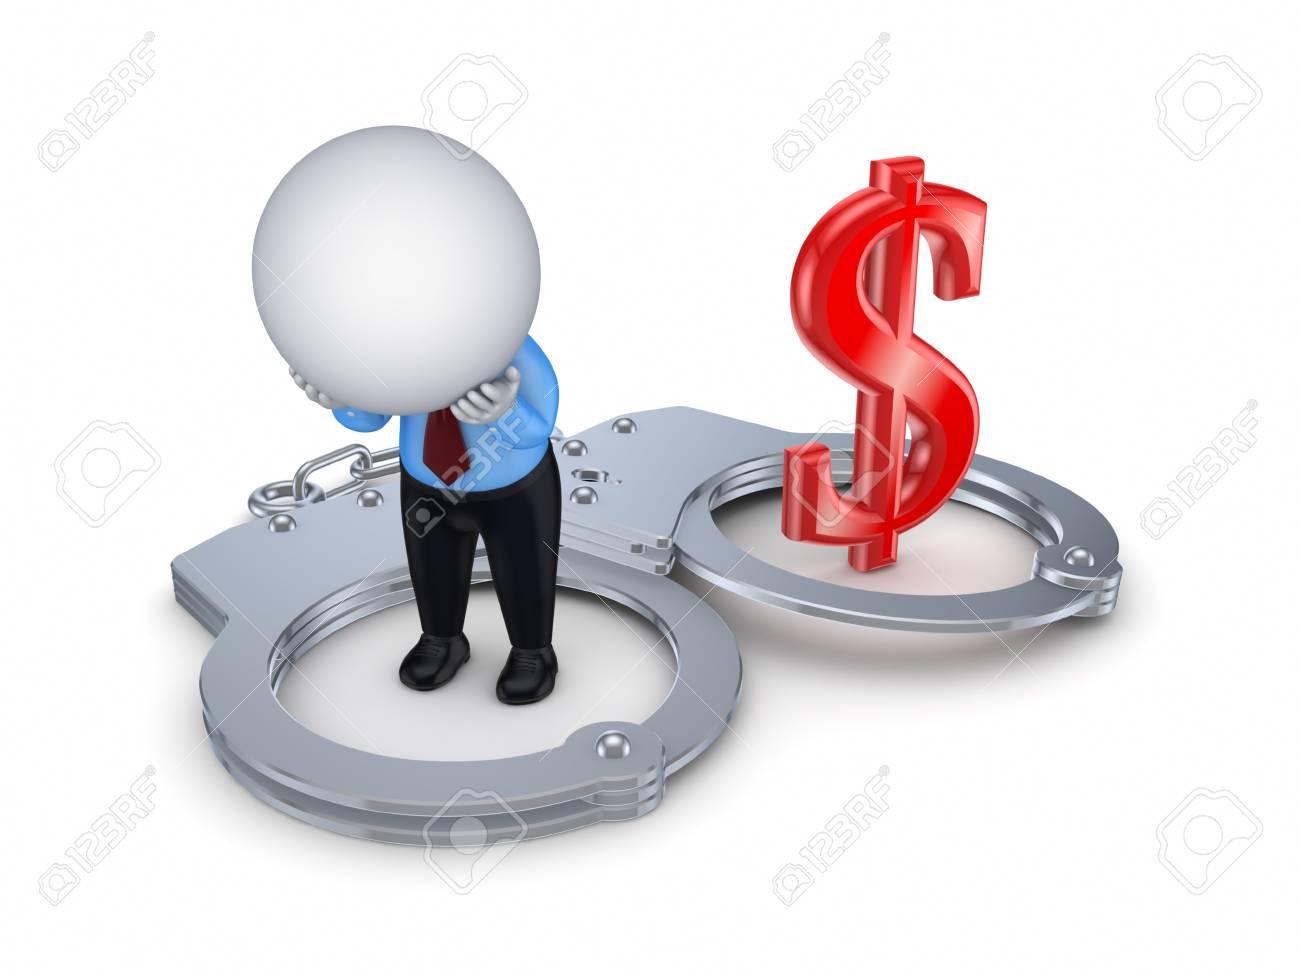 Financial crime concept Stock Photo - 15614367